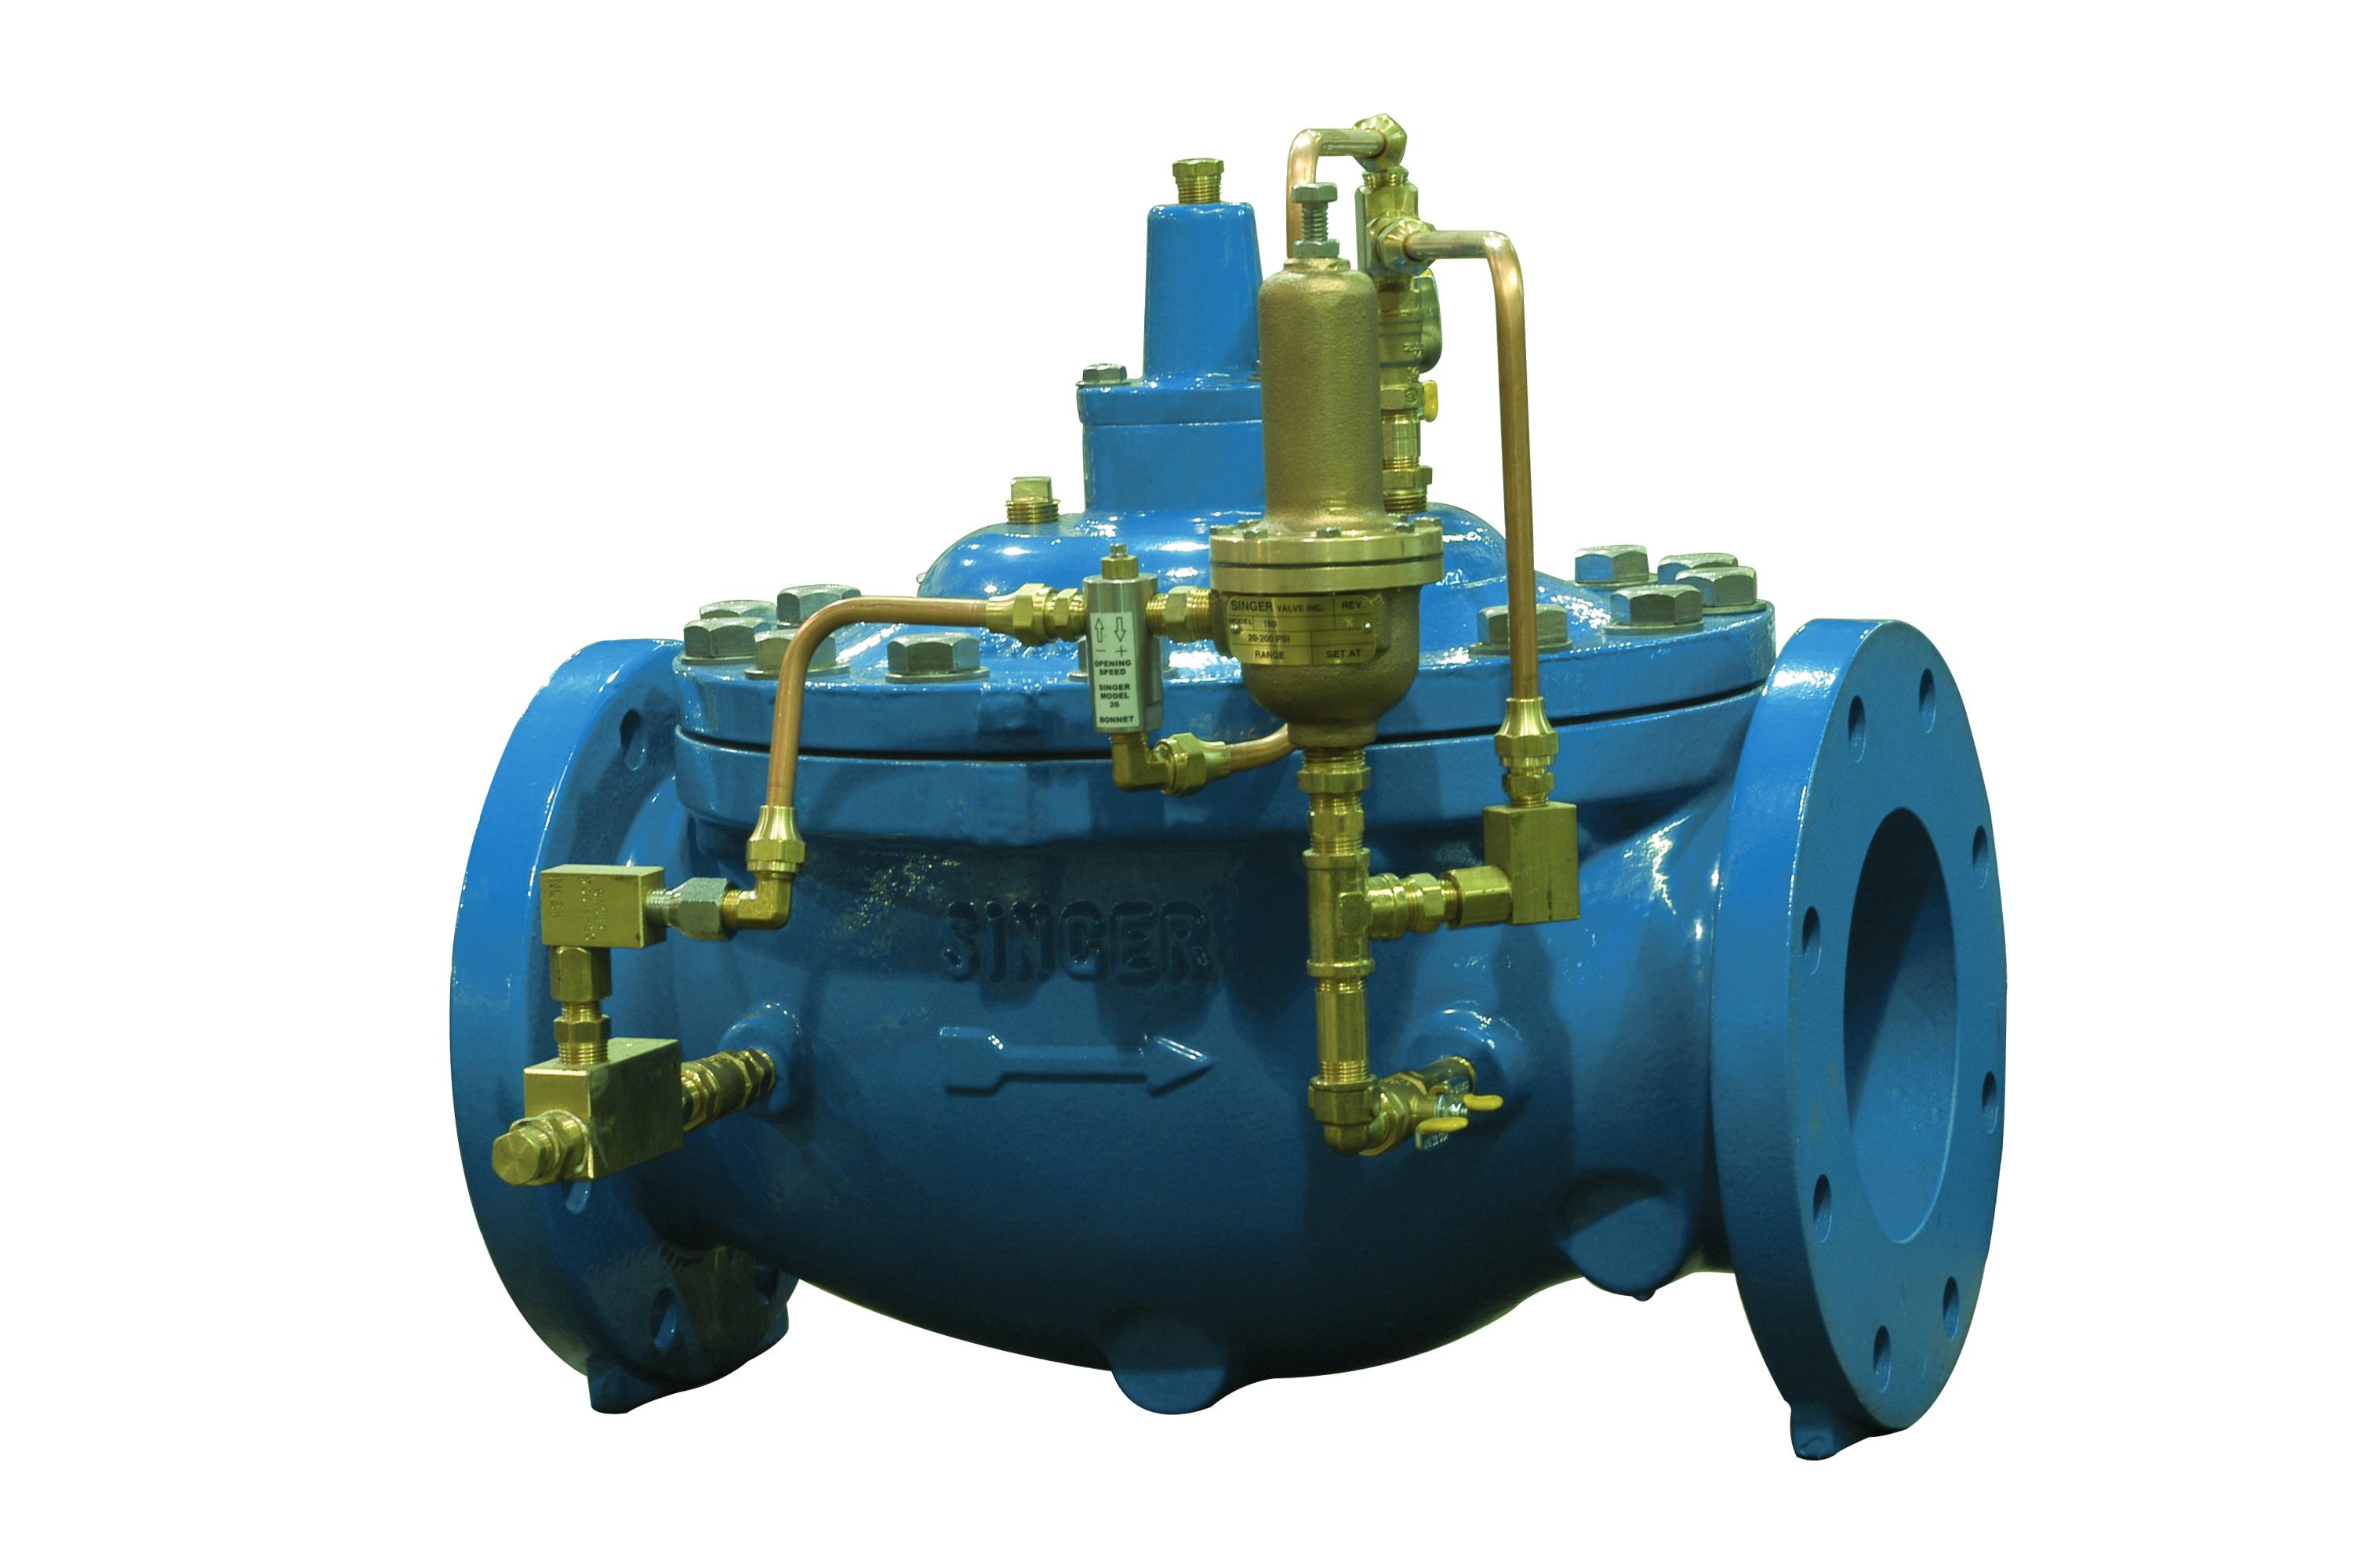 singer valve blog singer valve water valve maintenance. Black Bedroom Furniture Sets. Home Design Ideas